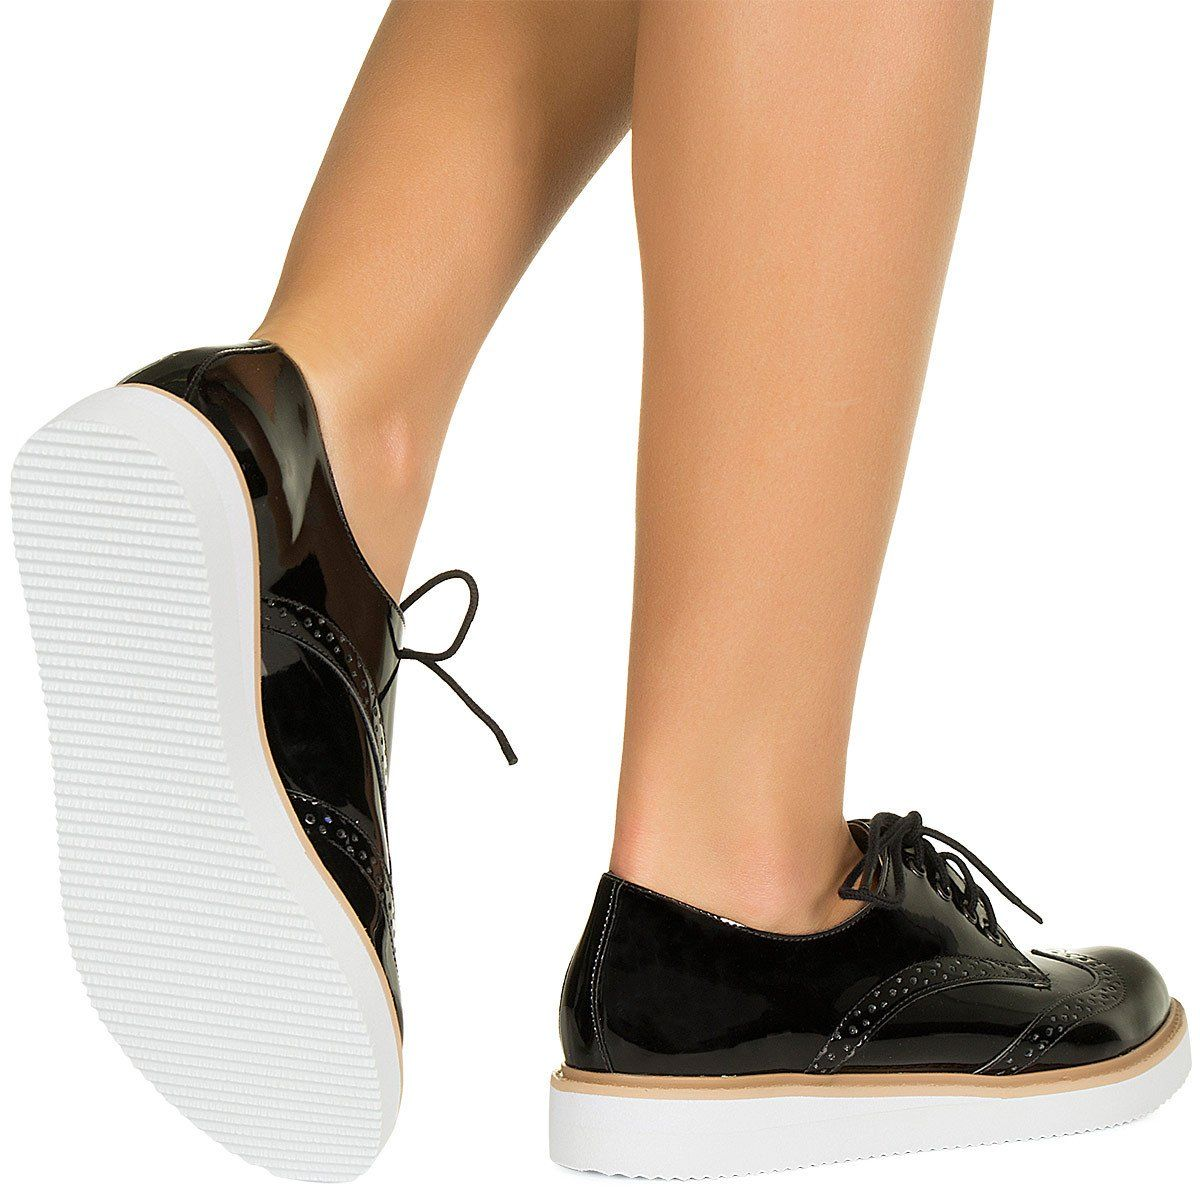 0779349b7b Oxford preto e branco verniz Taquilla - Taquilla - Loja online de sapatos  femininos